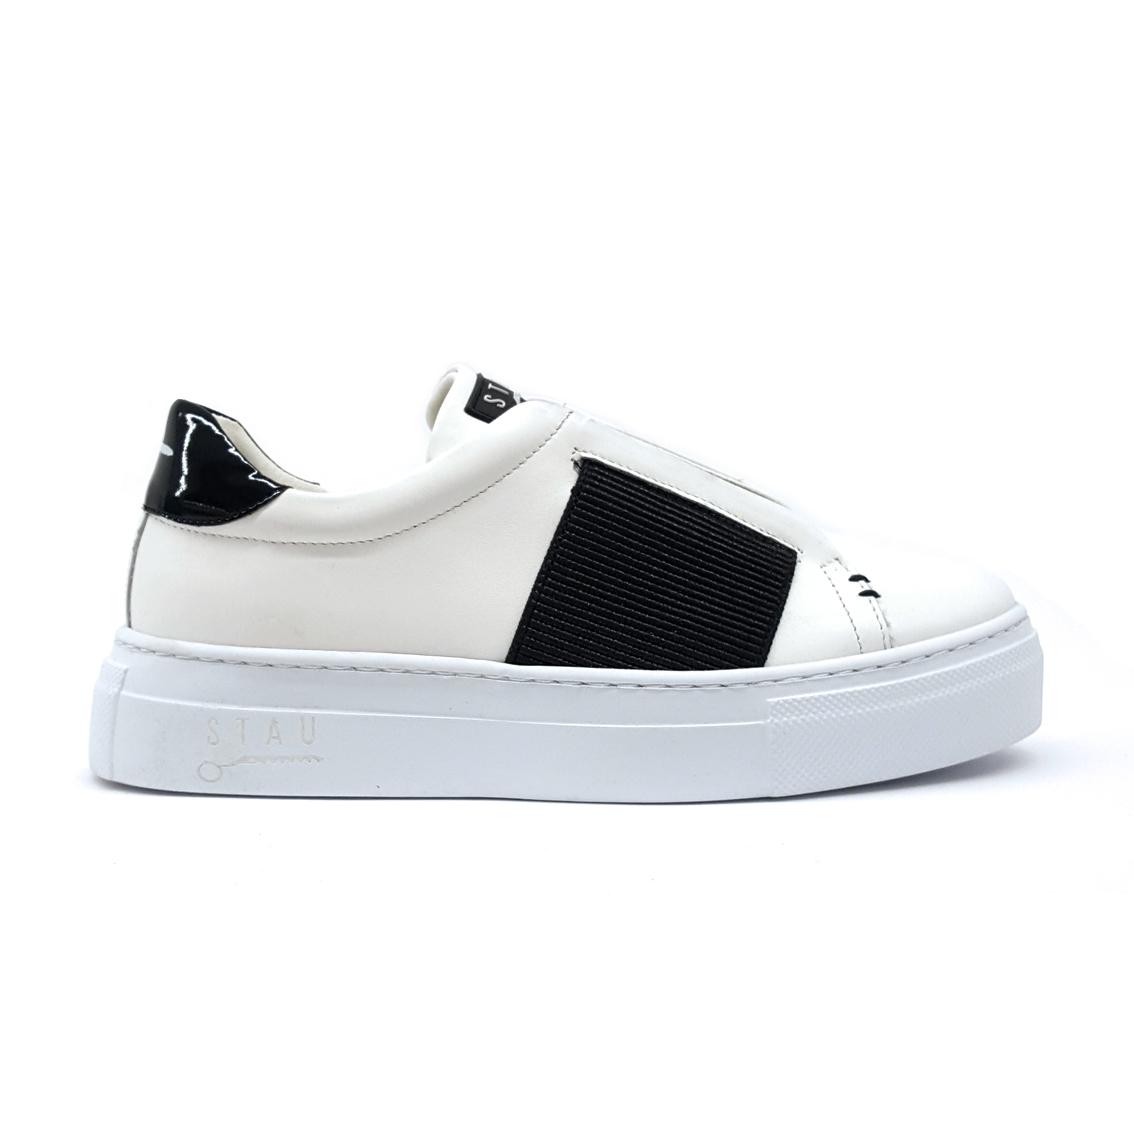 Slip on bianco/nero Stau